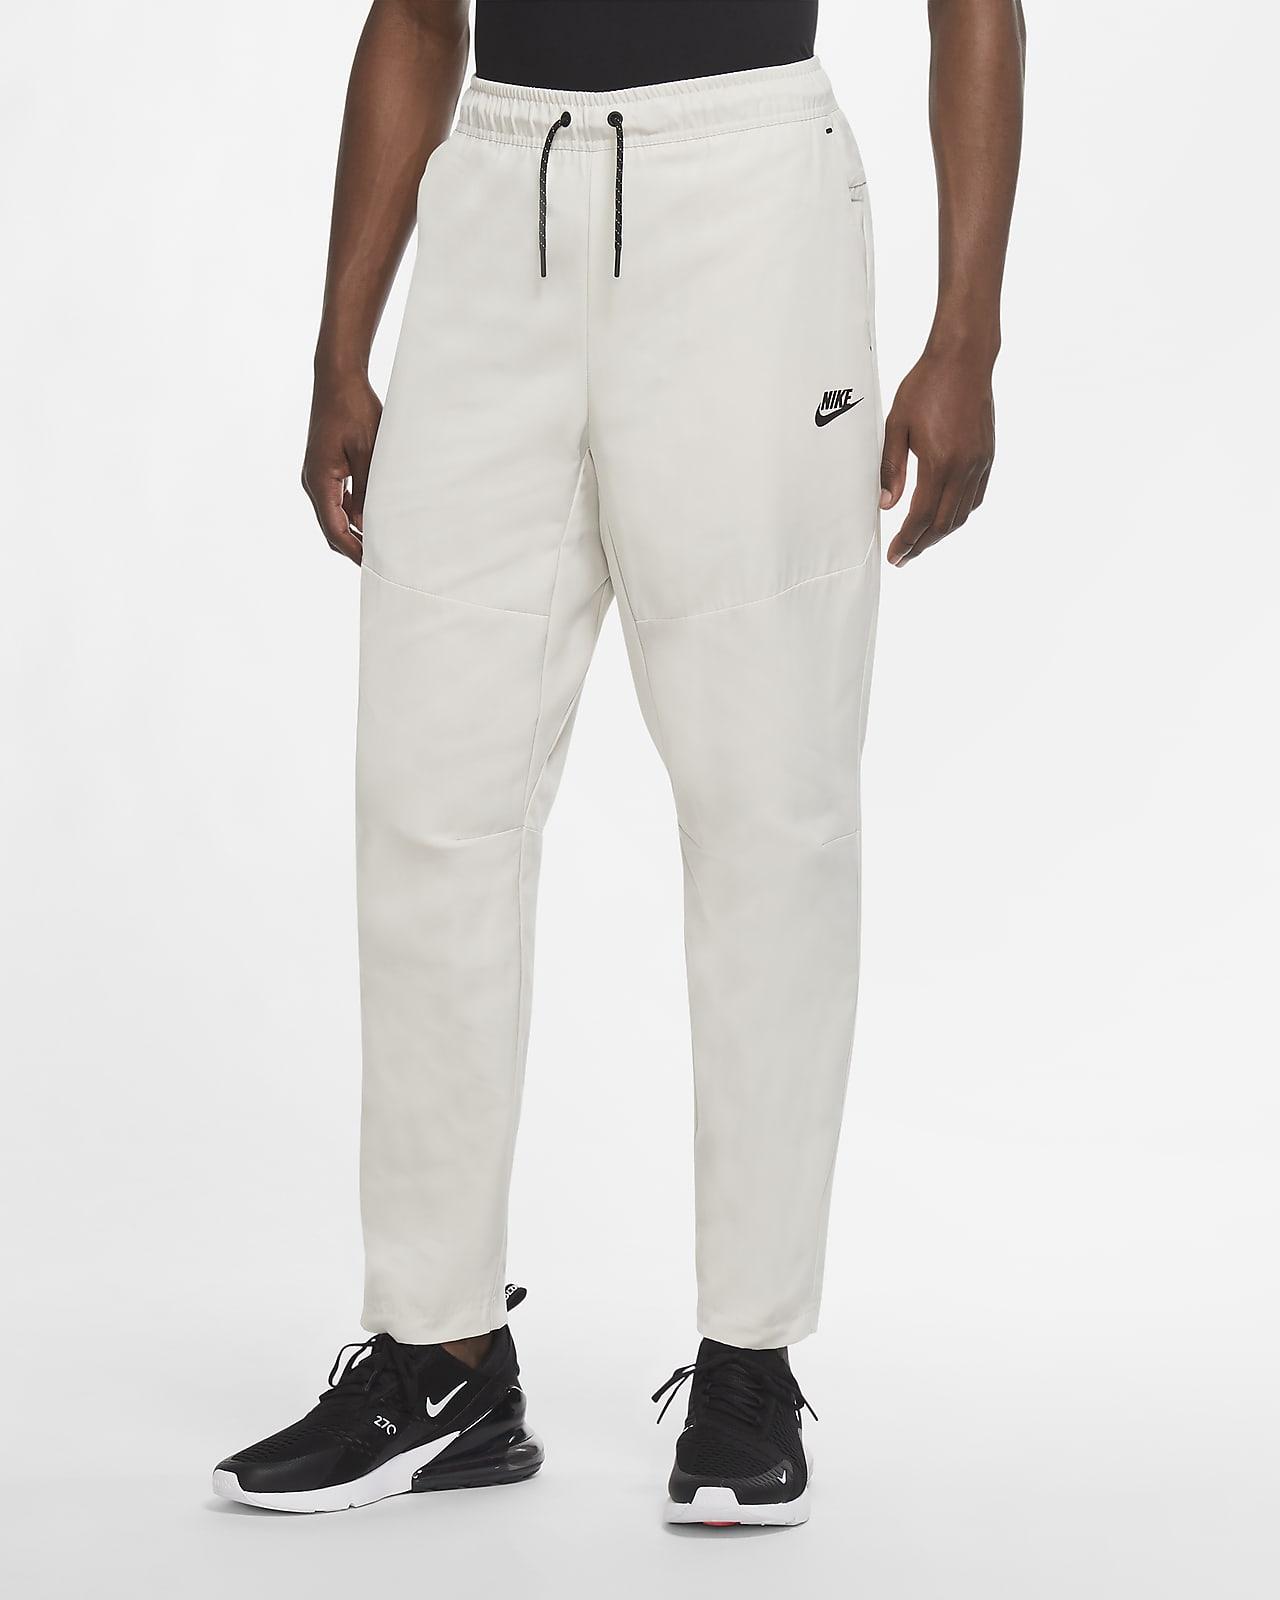 Nike Sportswear Tech Essentials Men's Repel Trousers